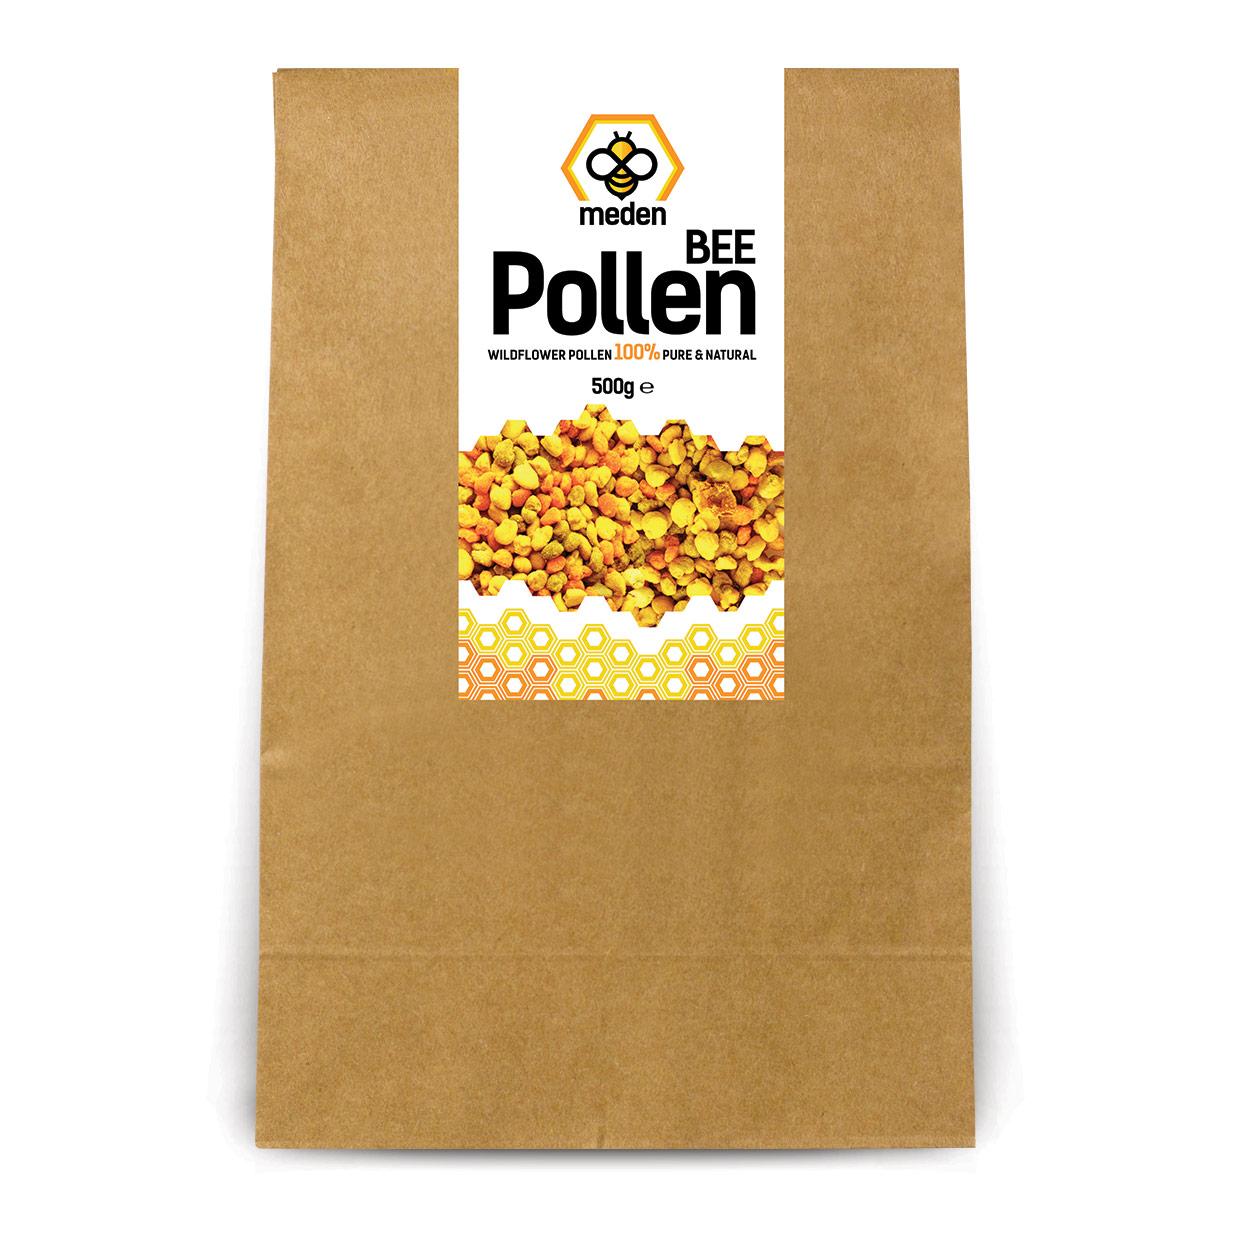 Bee Pollen Granules 500g